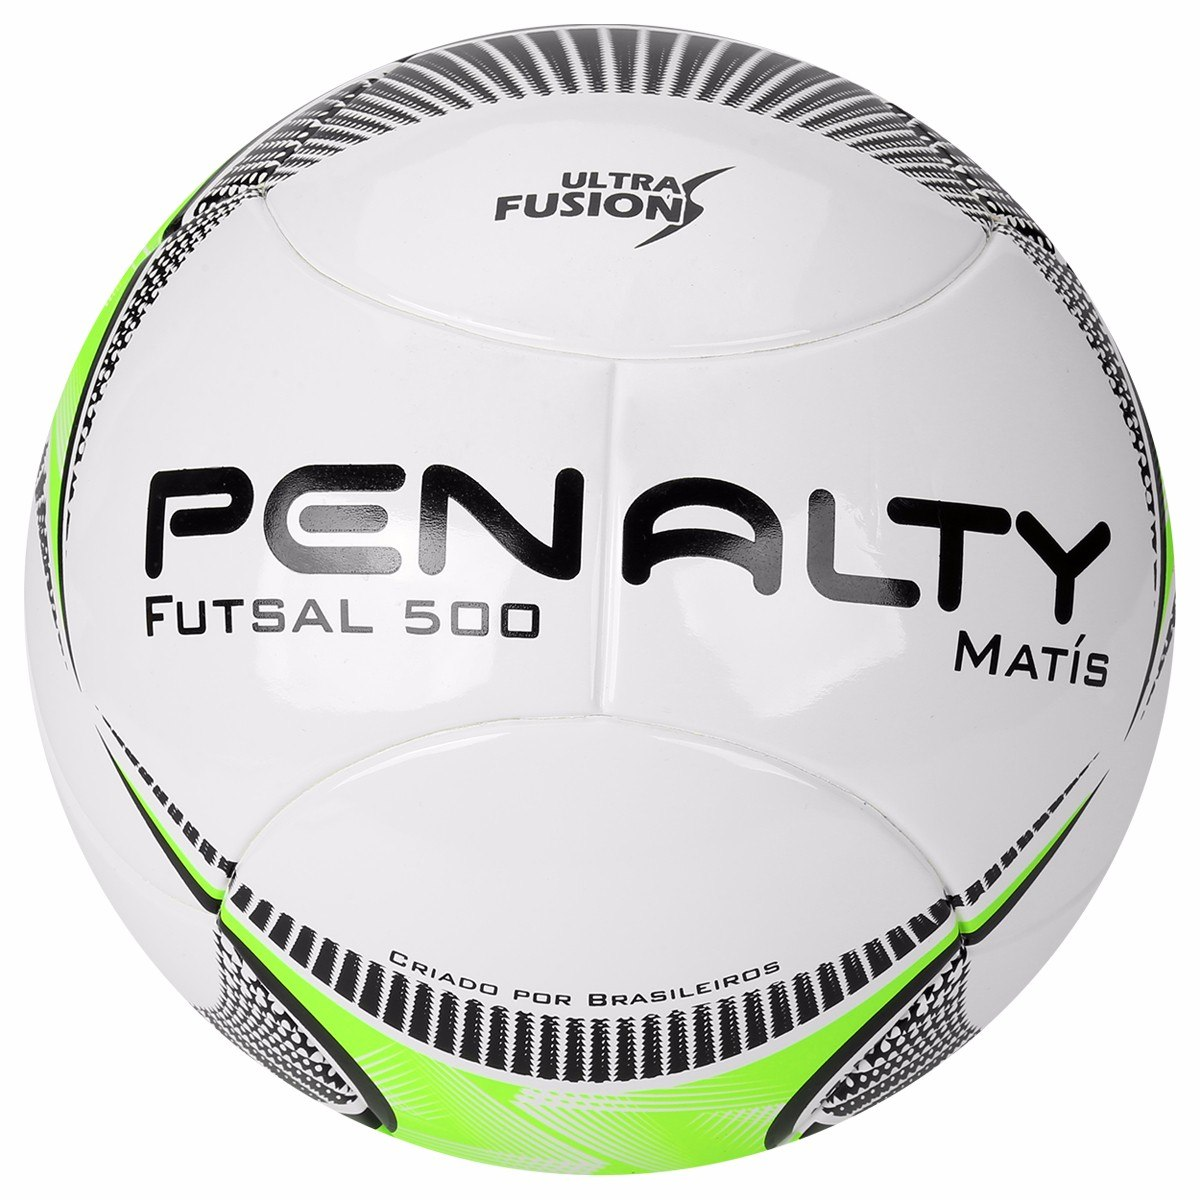 bola penalty futsal matis 500 ultra fusion 5 - oficial. Carregando zoom. 2bdf464e6a883